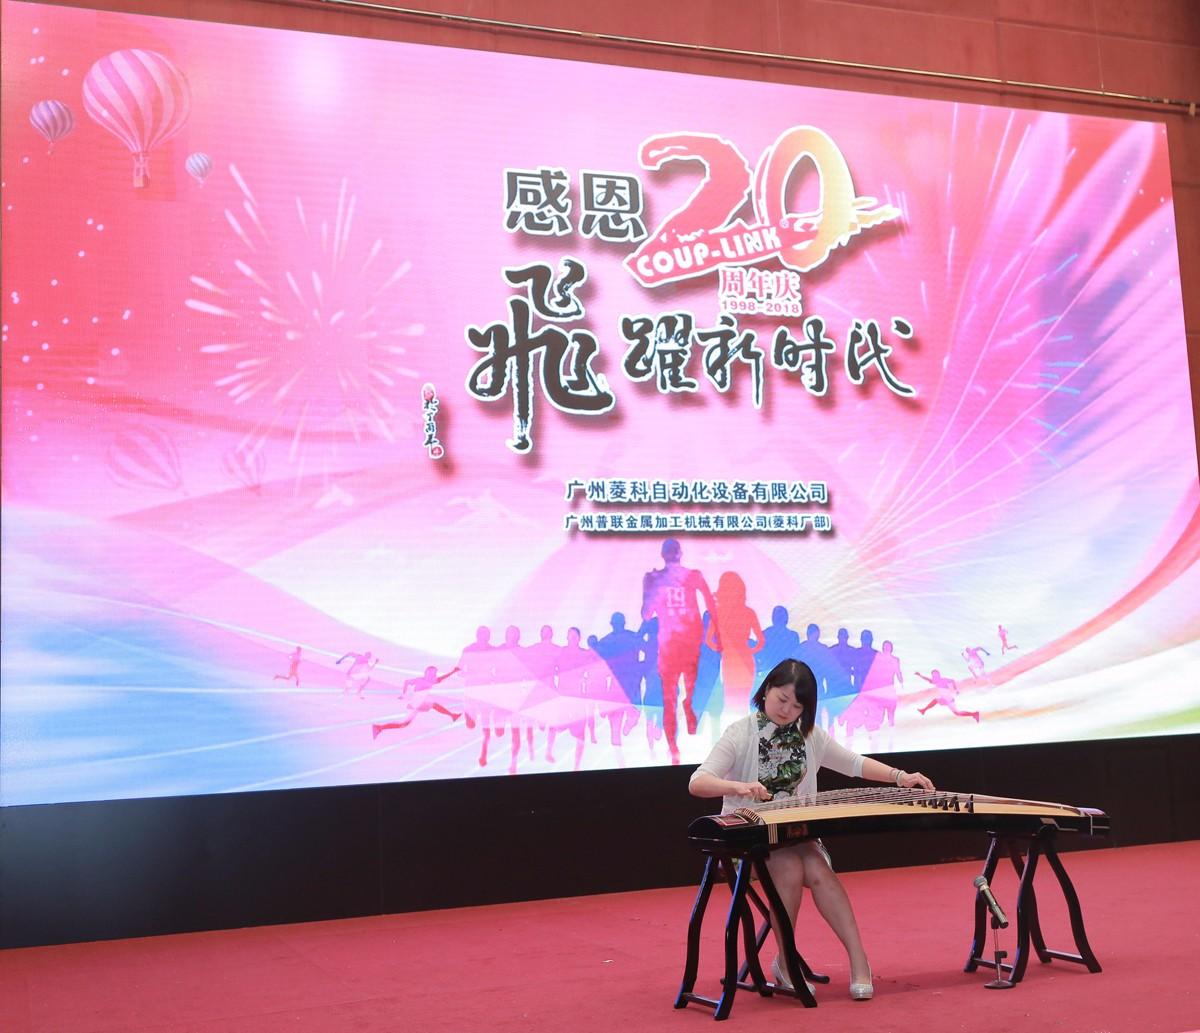 2018年 年会-广州菱科自动化设备有限公司